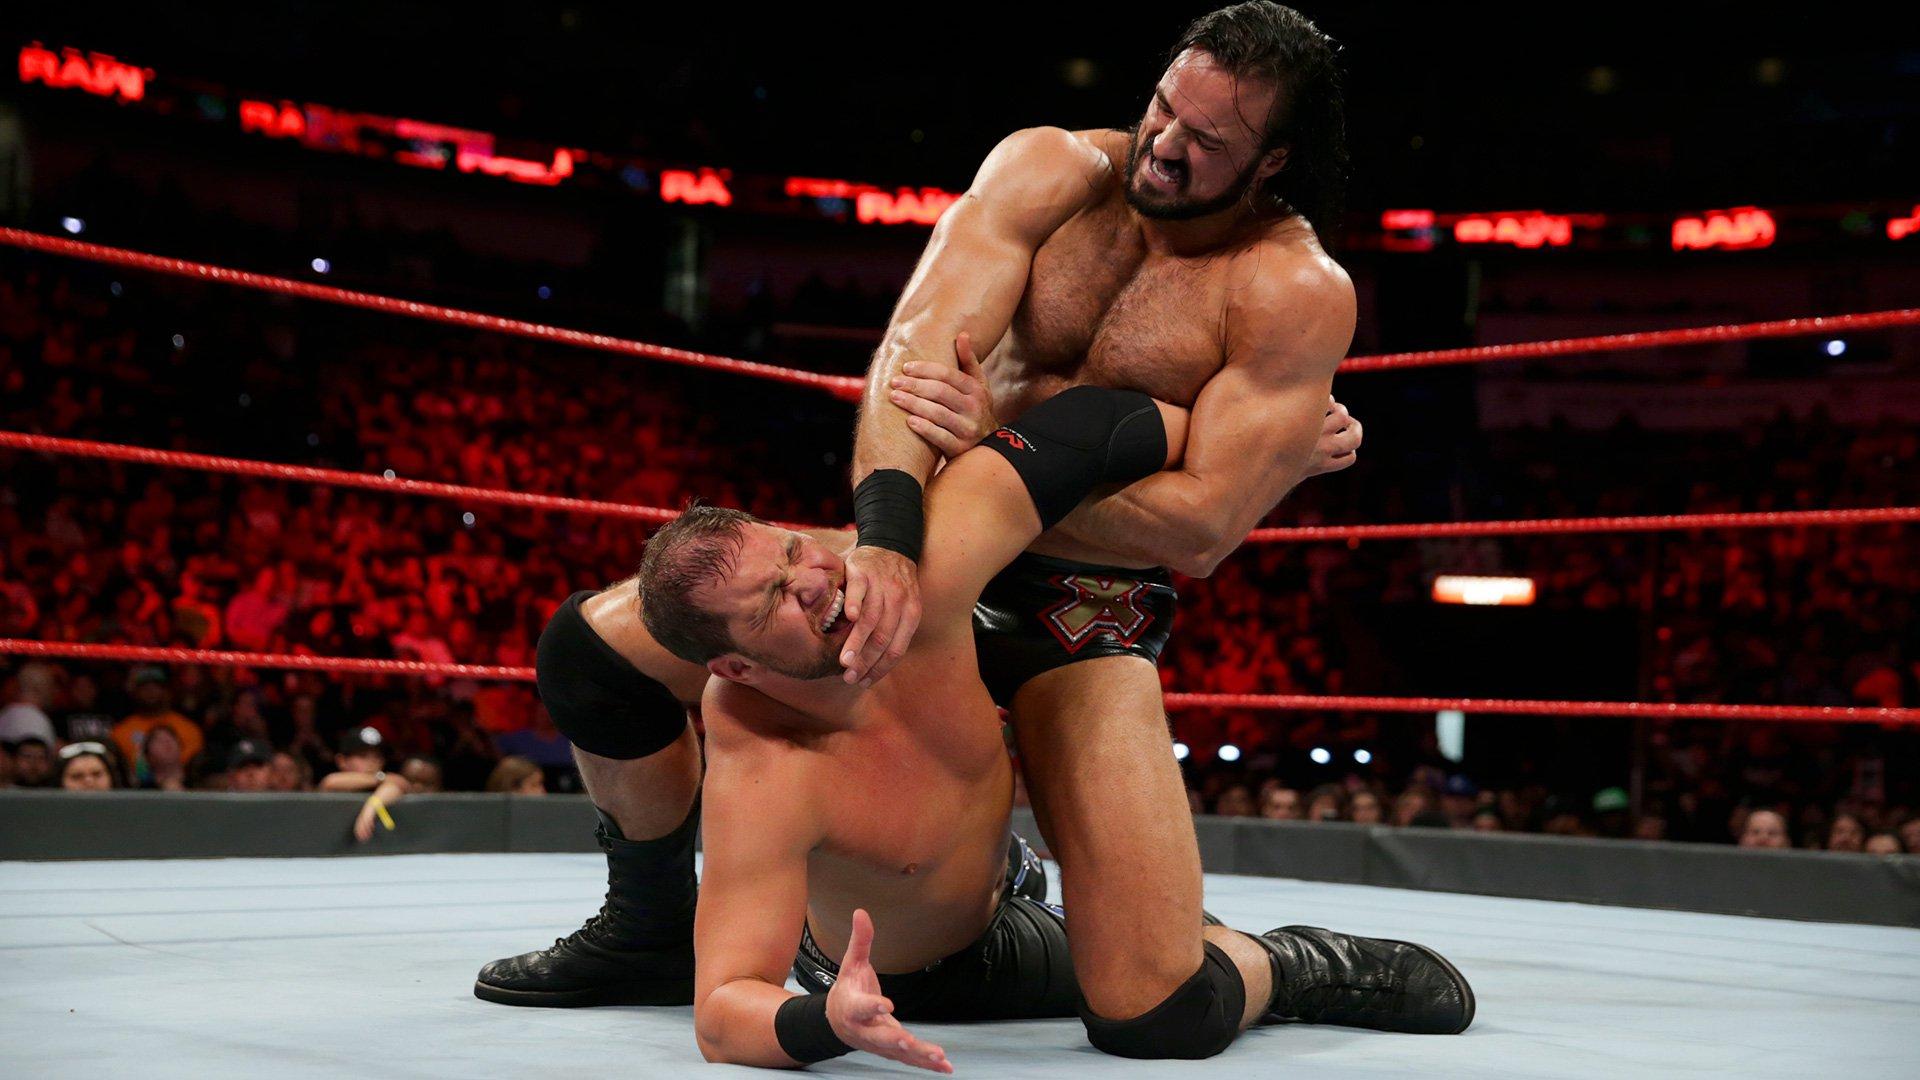 Dolph Ziggler & Drew McIntyre vs. The B-Team - Match pour les Titres par Équipes de Raw: Raw, 10 Septembre 2018